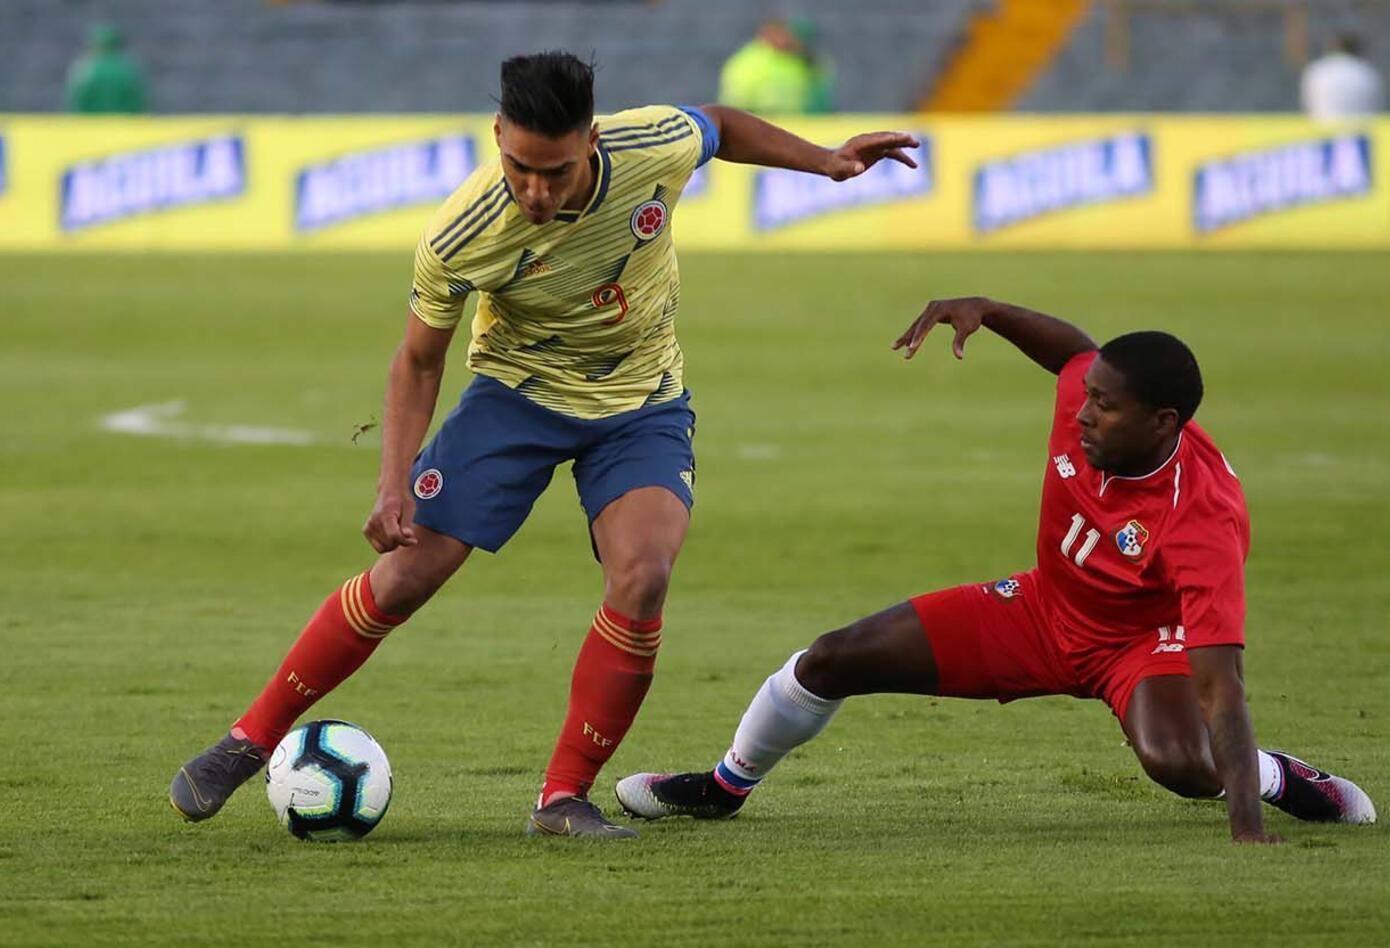 Colombia debutará el 15 de junio frente a Argentina en la Copa América